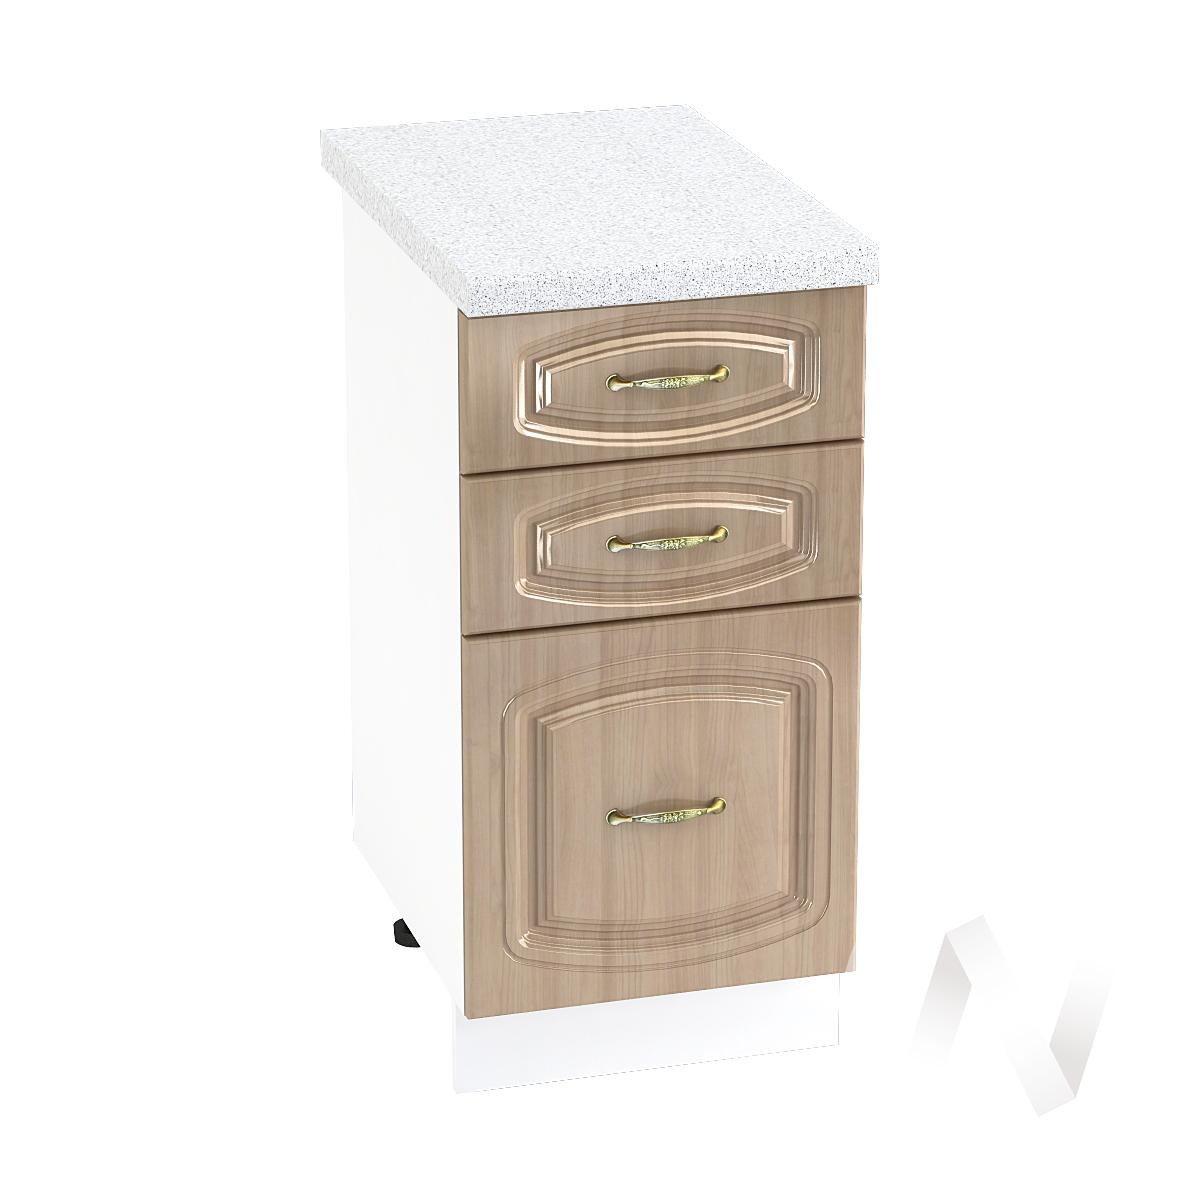 """Кухня """"Сити"""": Шкаф нижний с 3-мя ящиками 400, ШН3Я 400 (корпус белый)"""